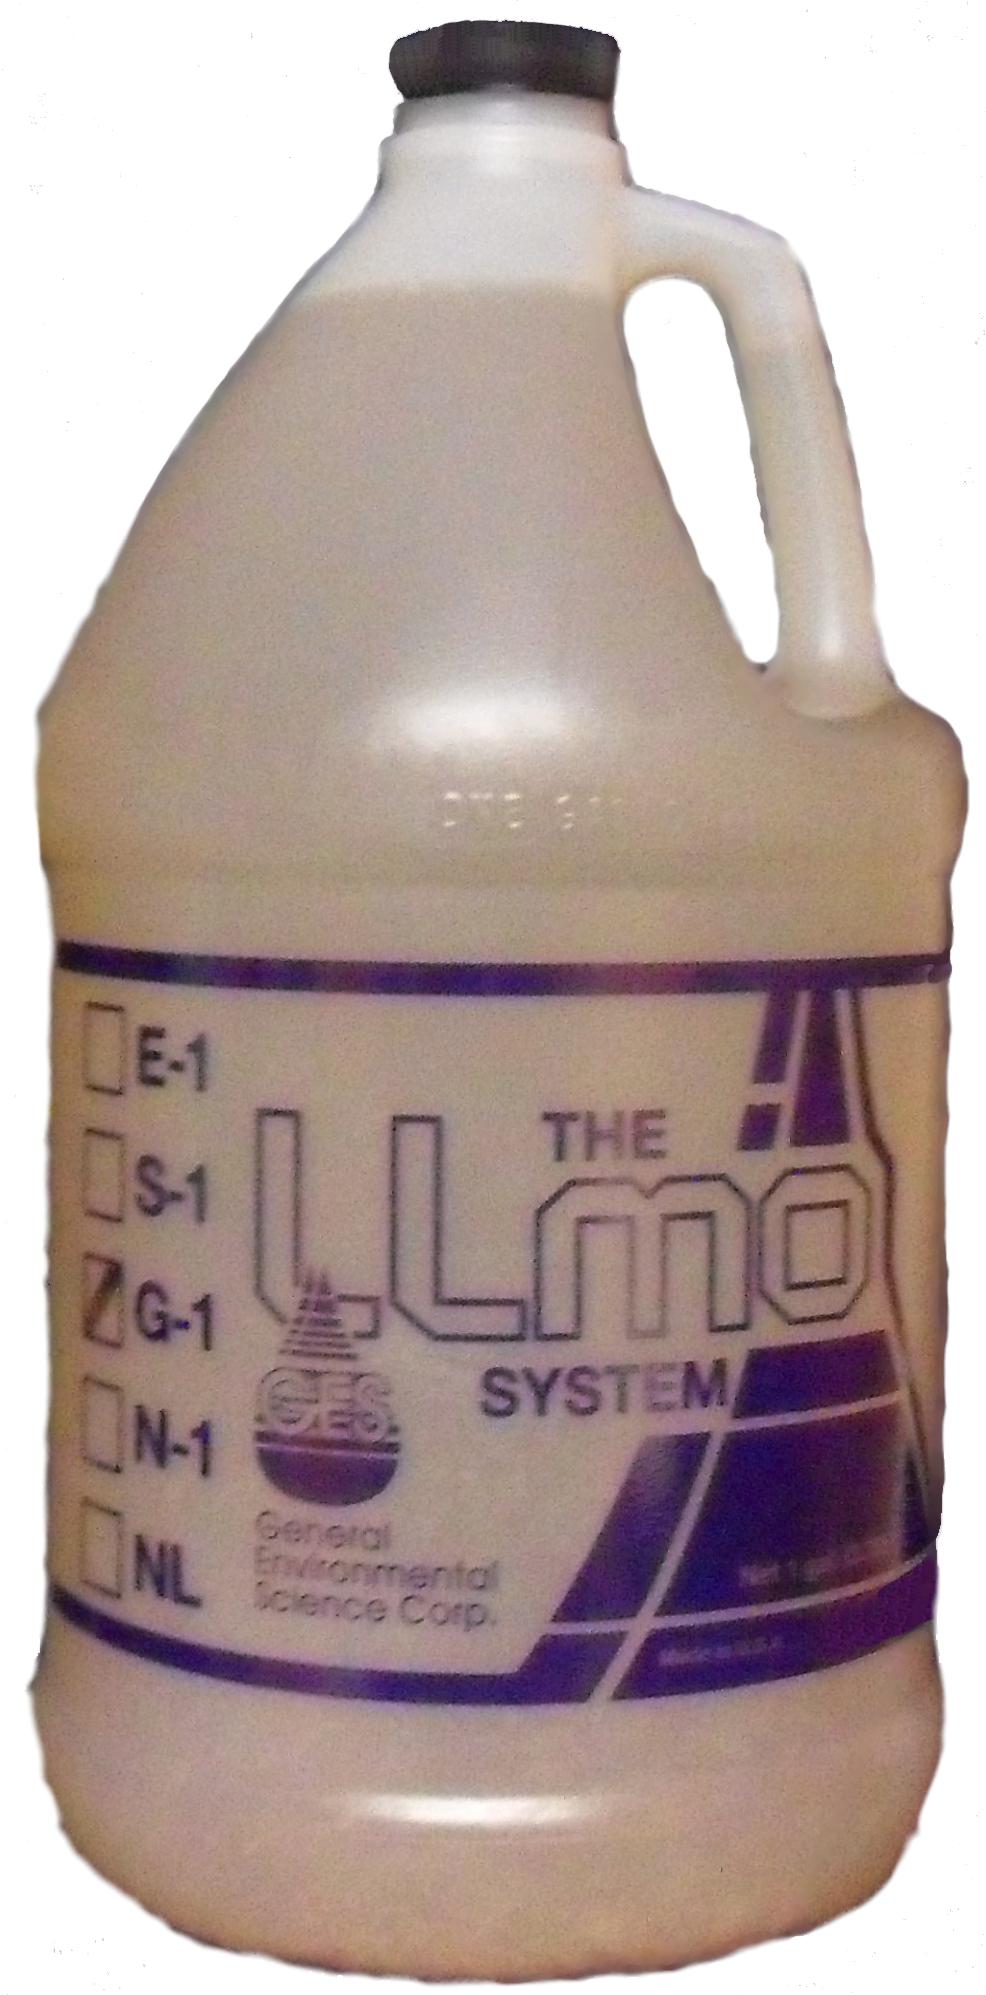 LLMO G1